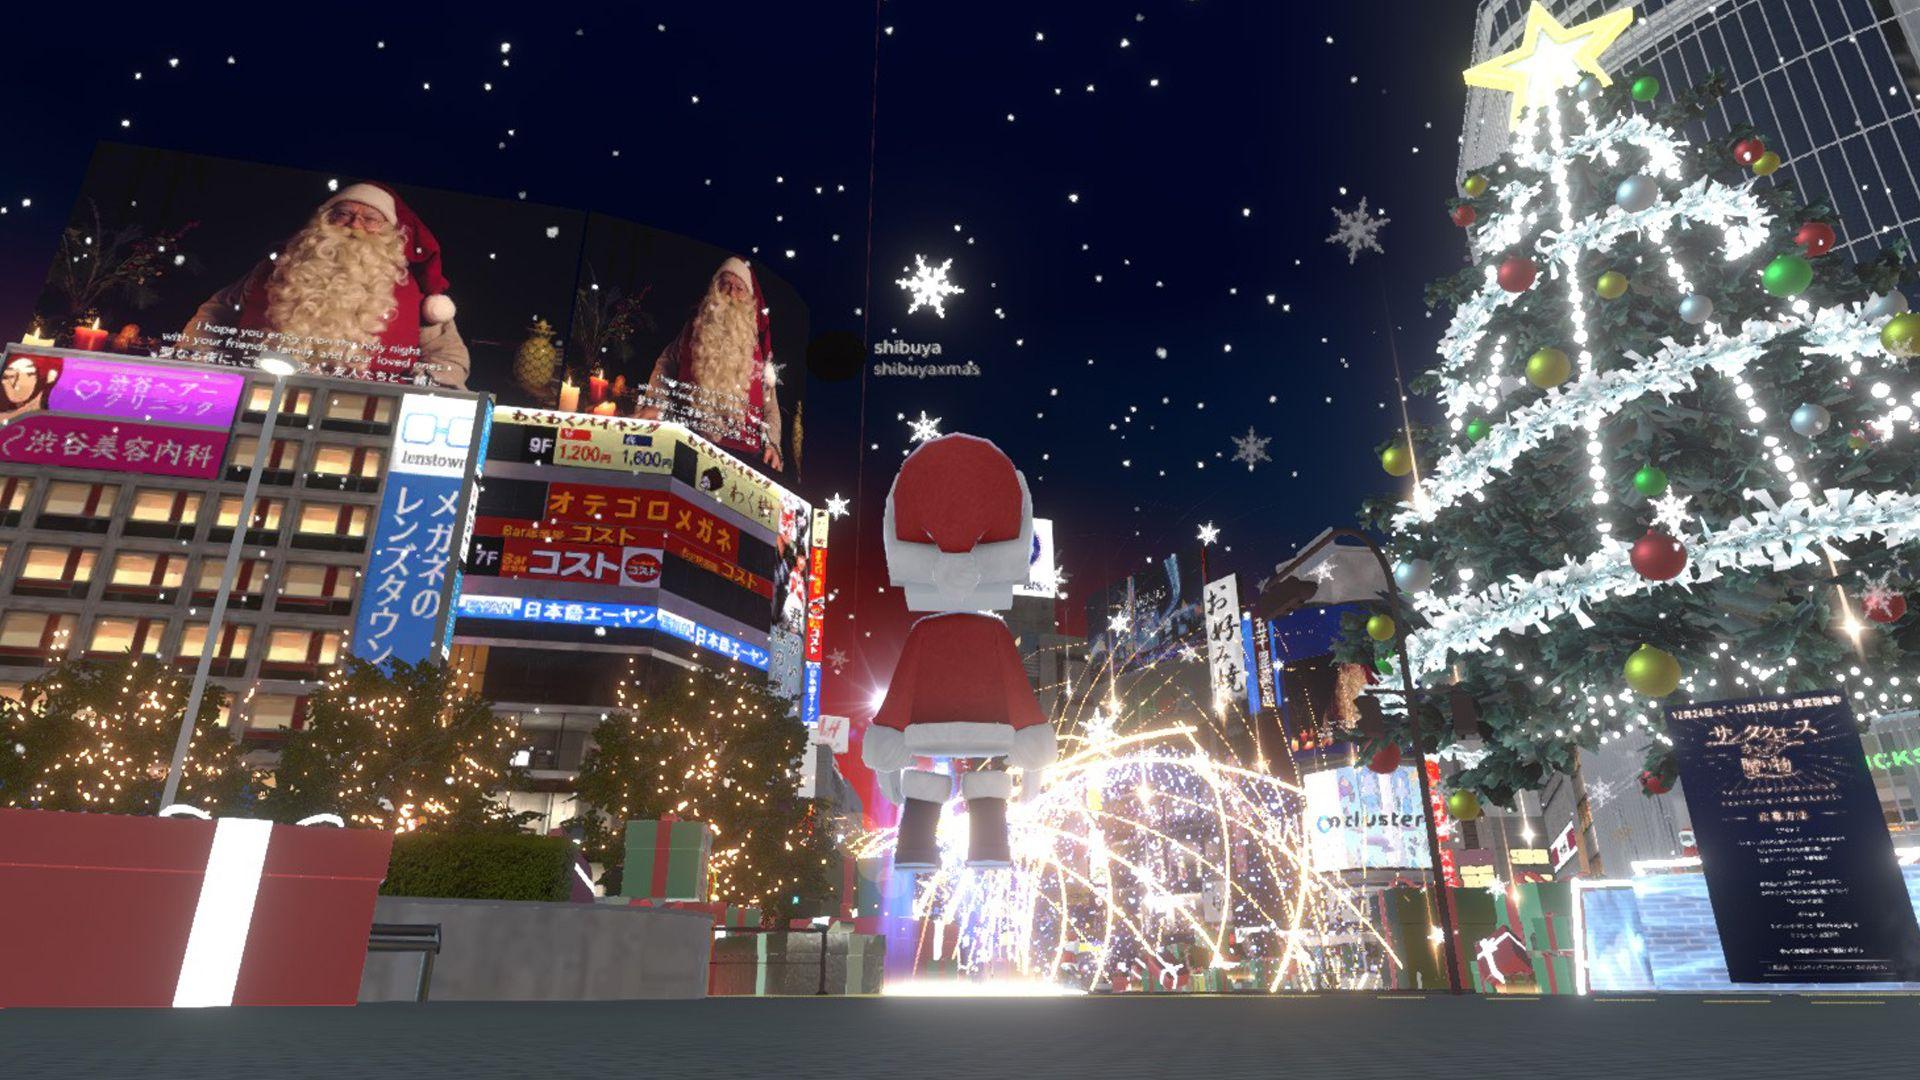 バーチャル渋谷におけるクリスマスイベント